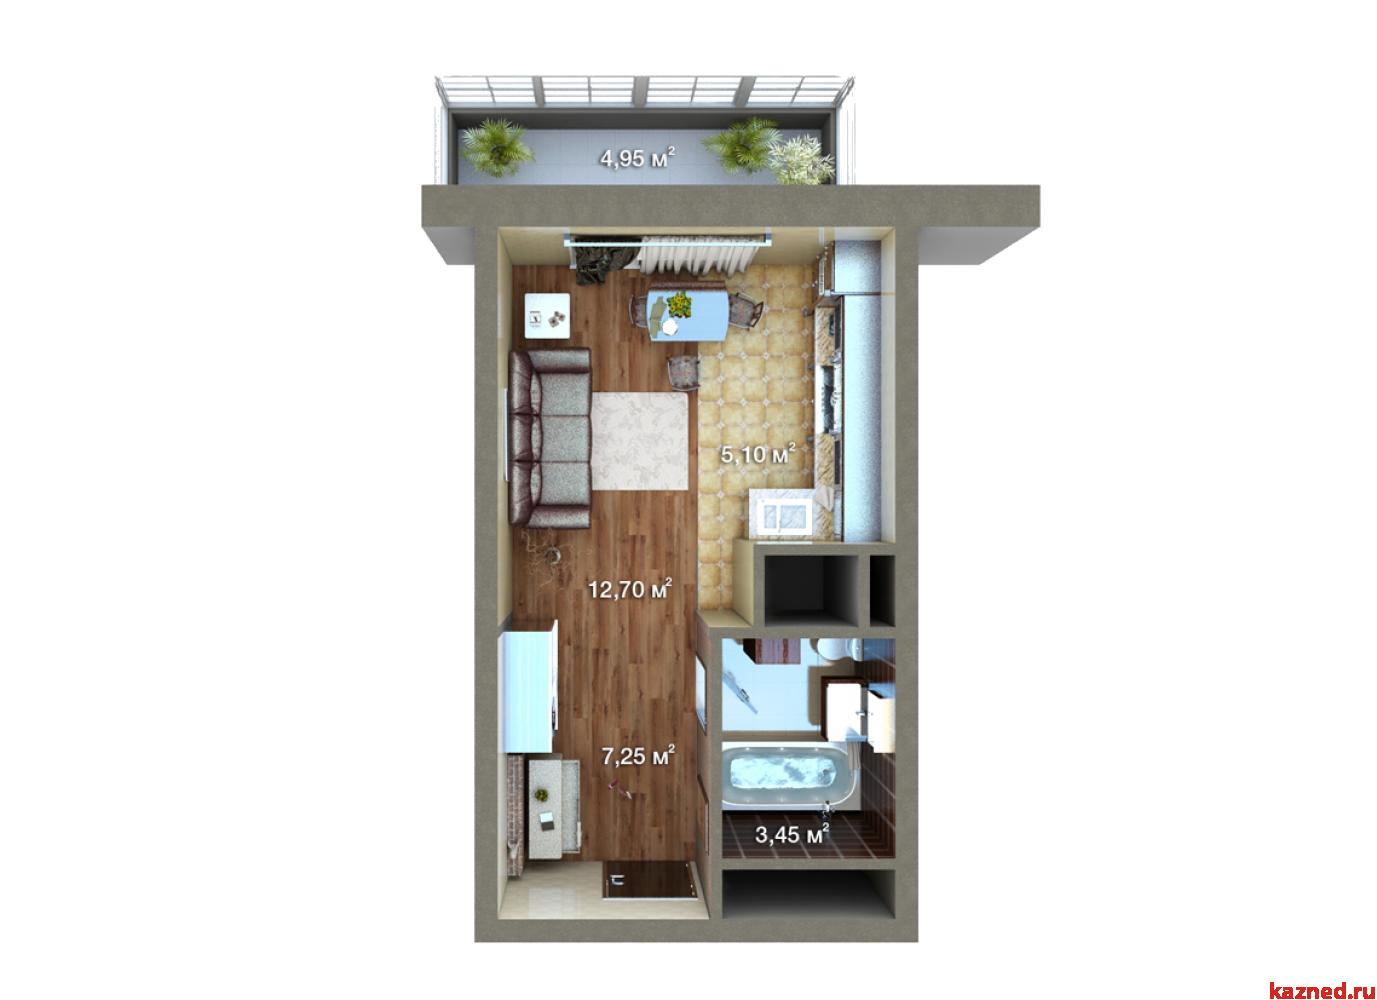 Продажа 1-к квартиры Мамадышский тракт, 36 м²  (миниатюра №6)